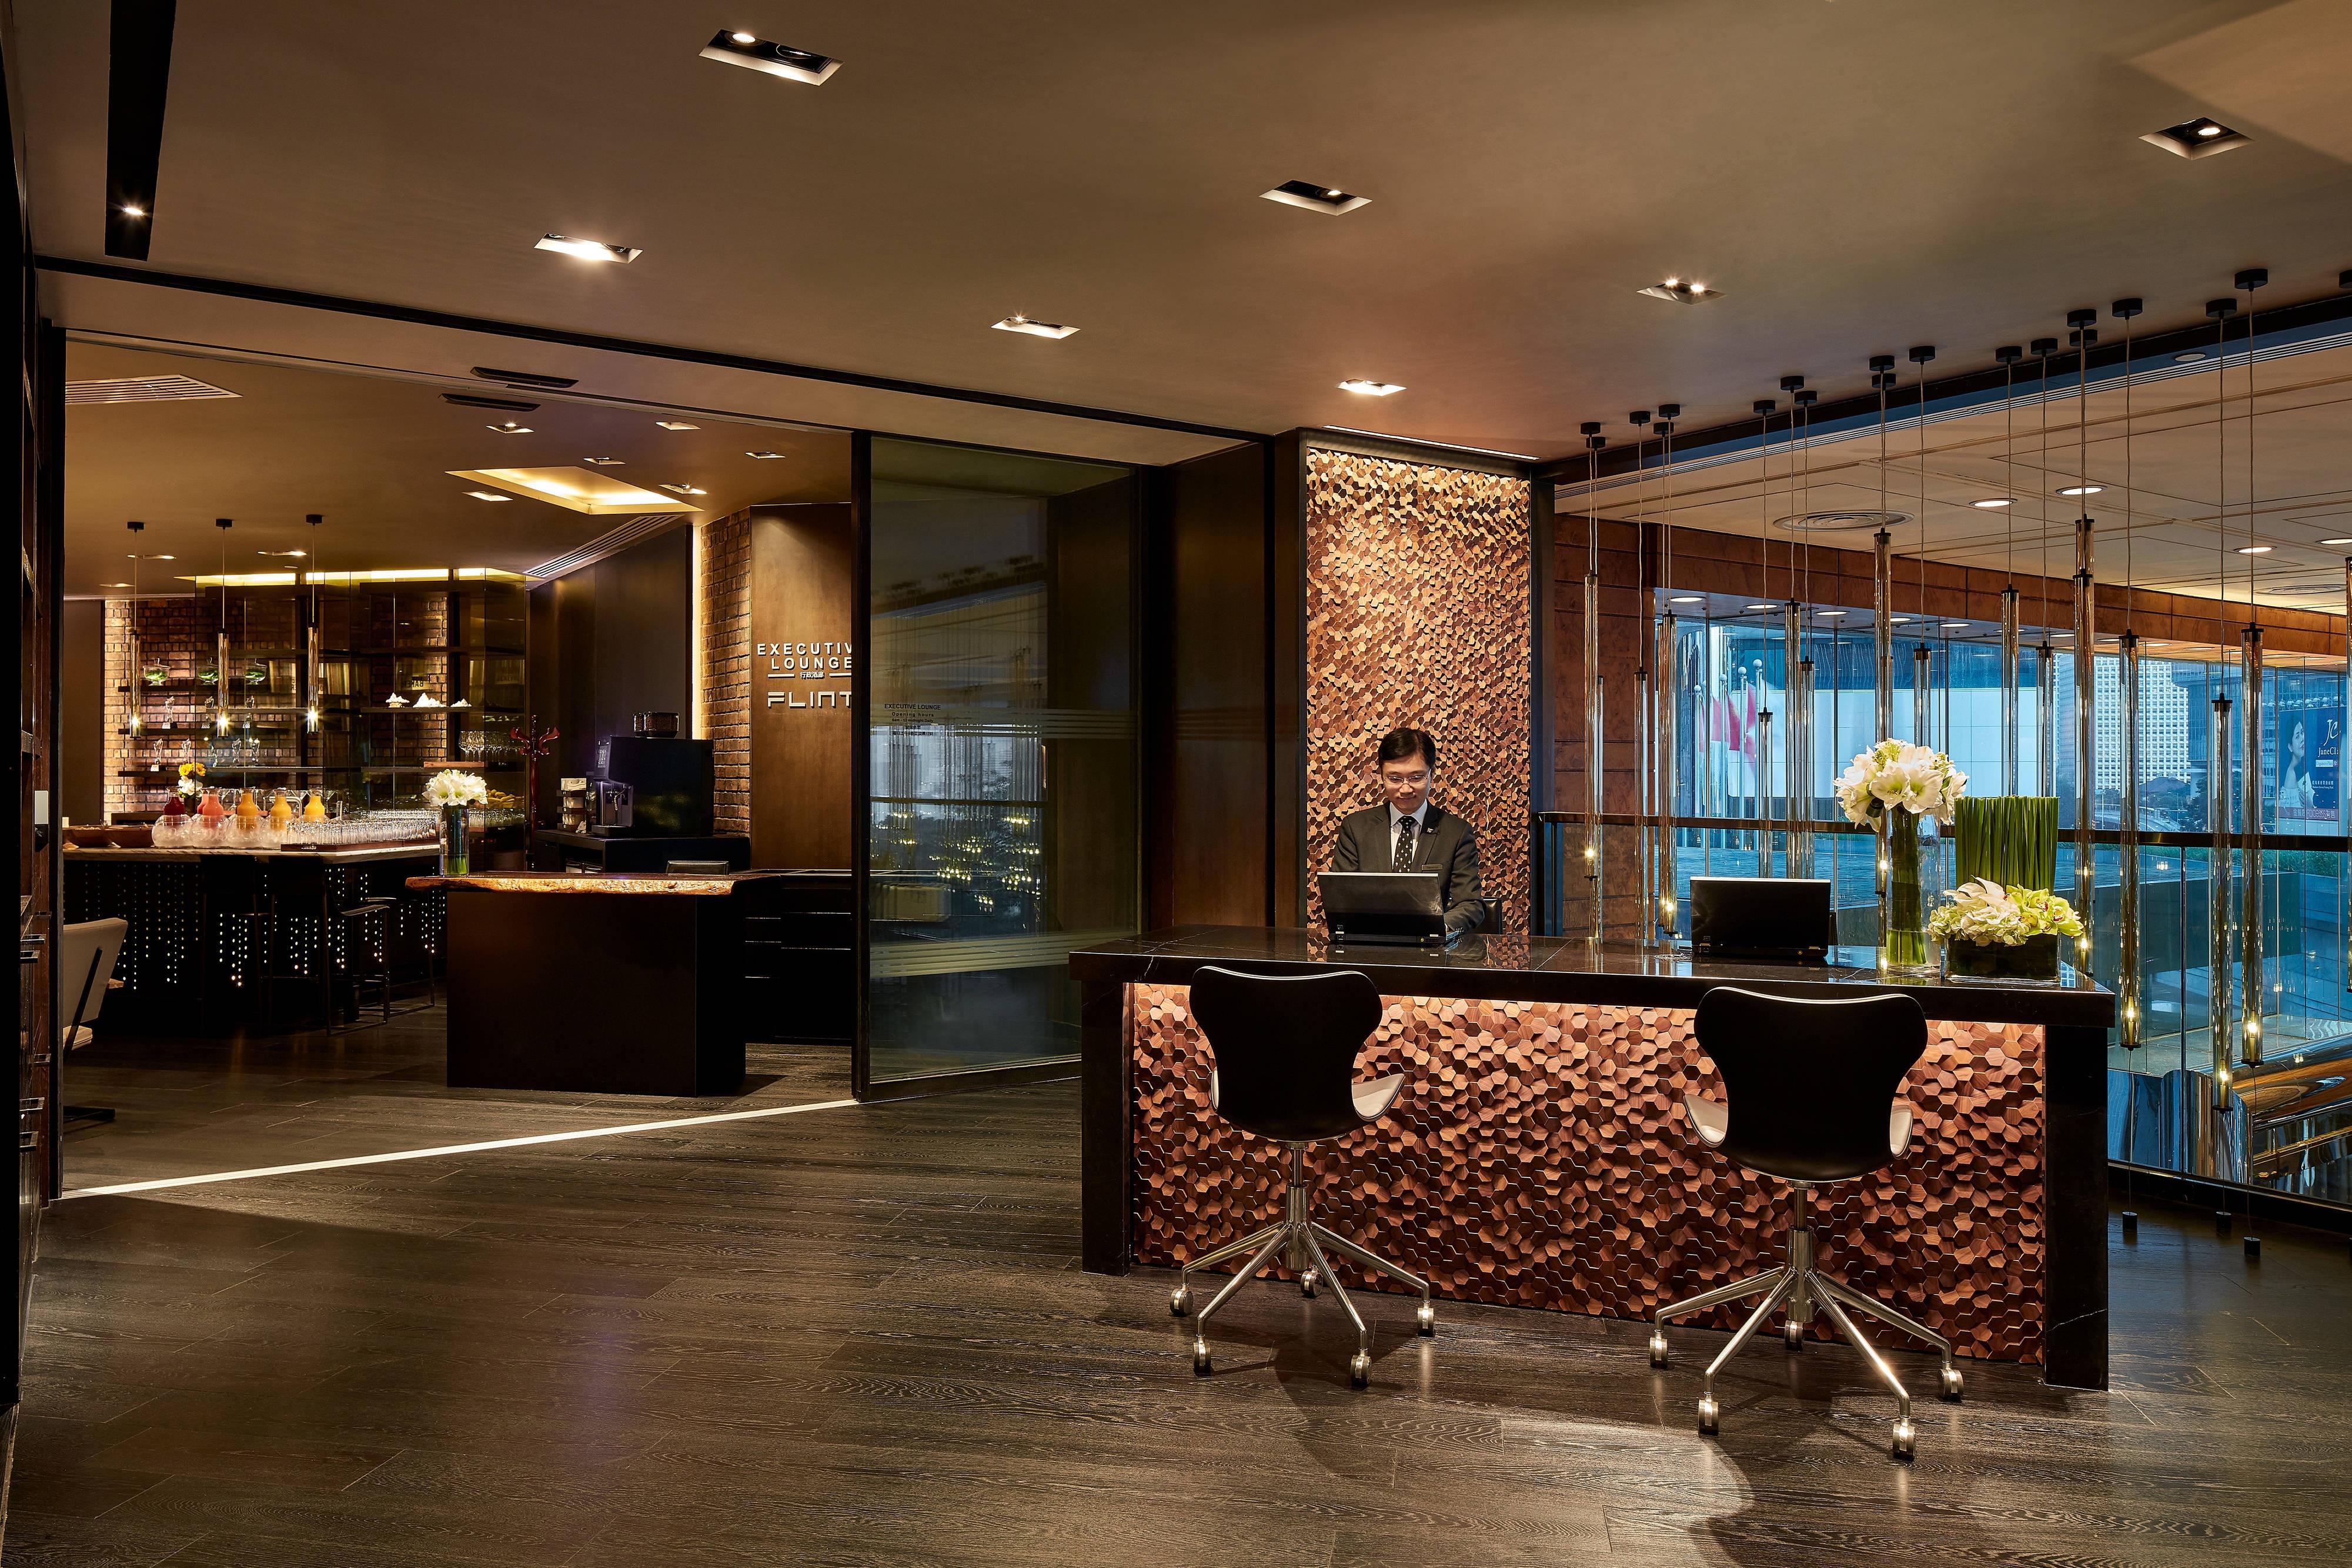 Lounge executivo - Recepção